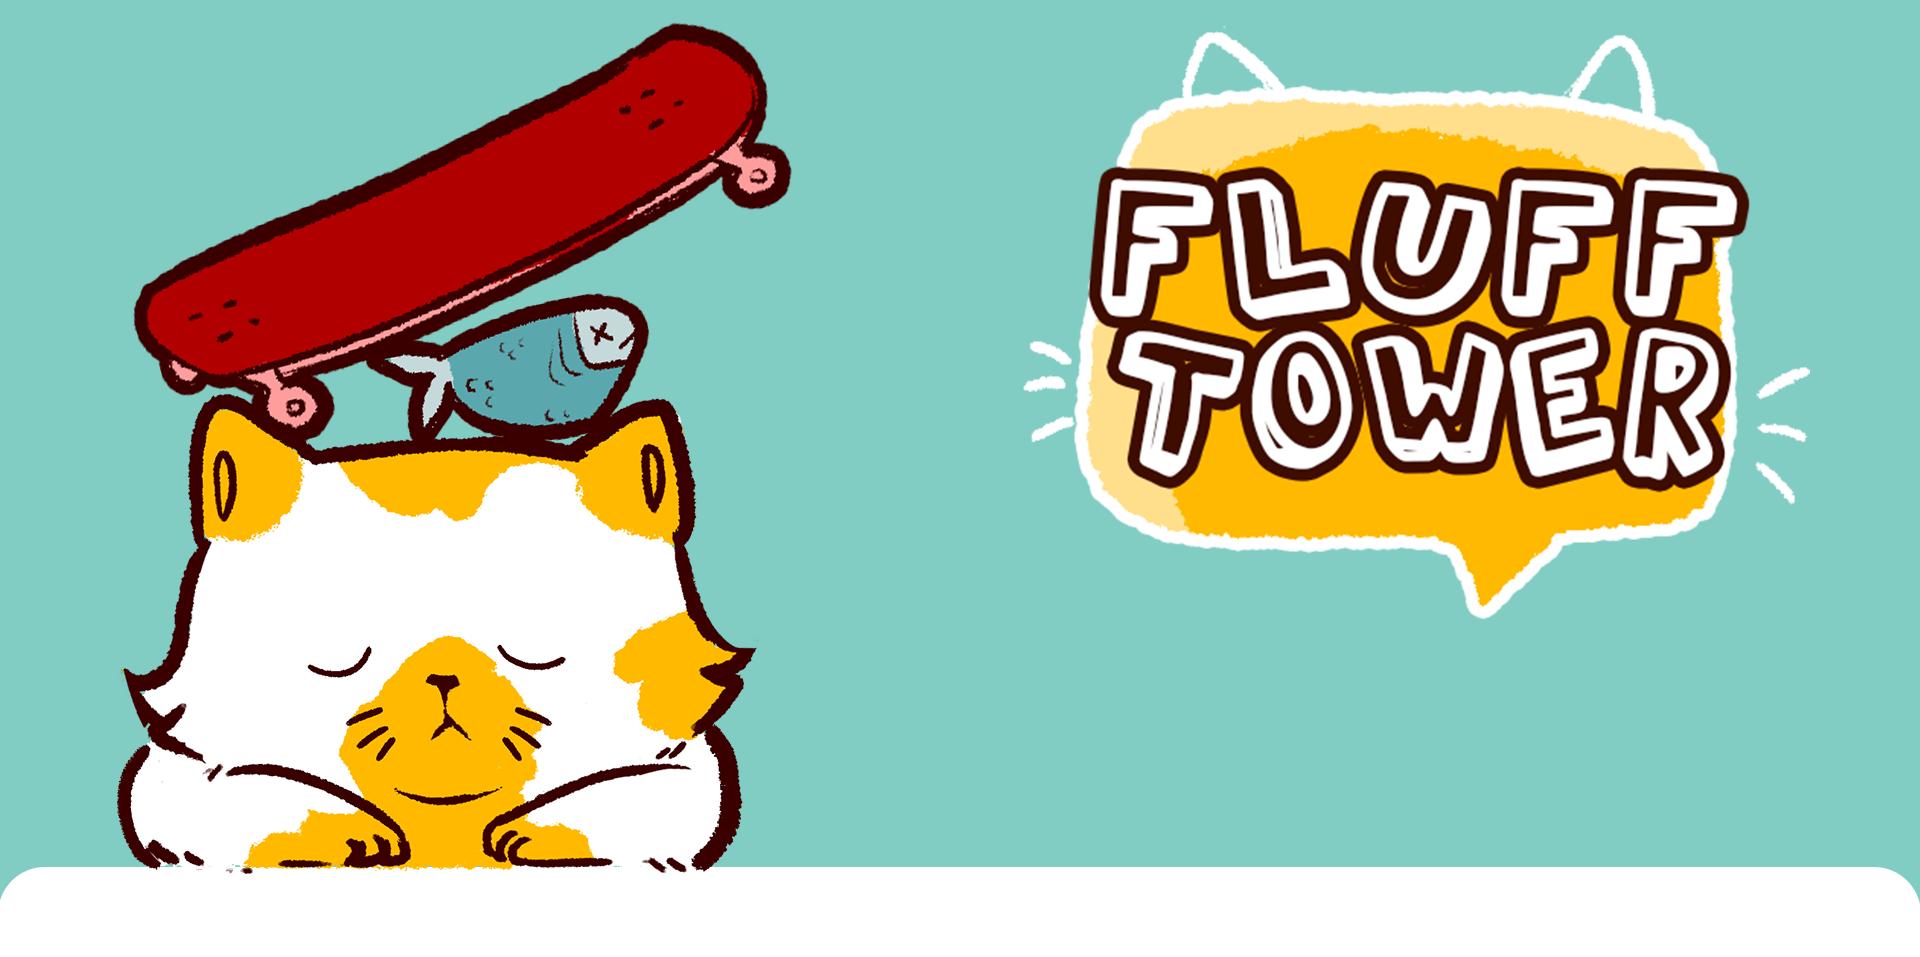 Fluff Tower